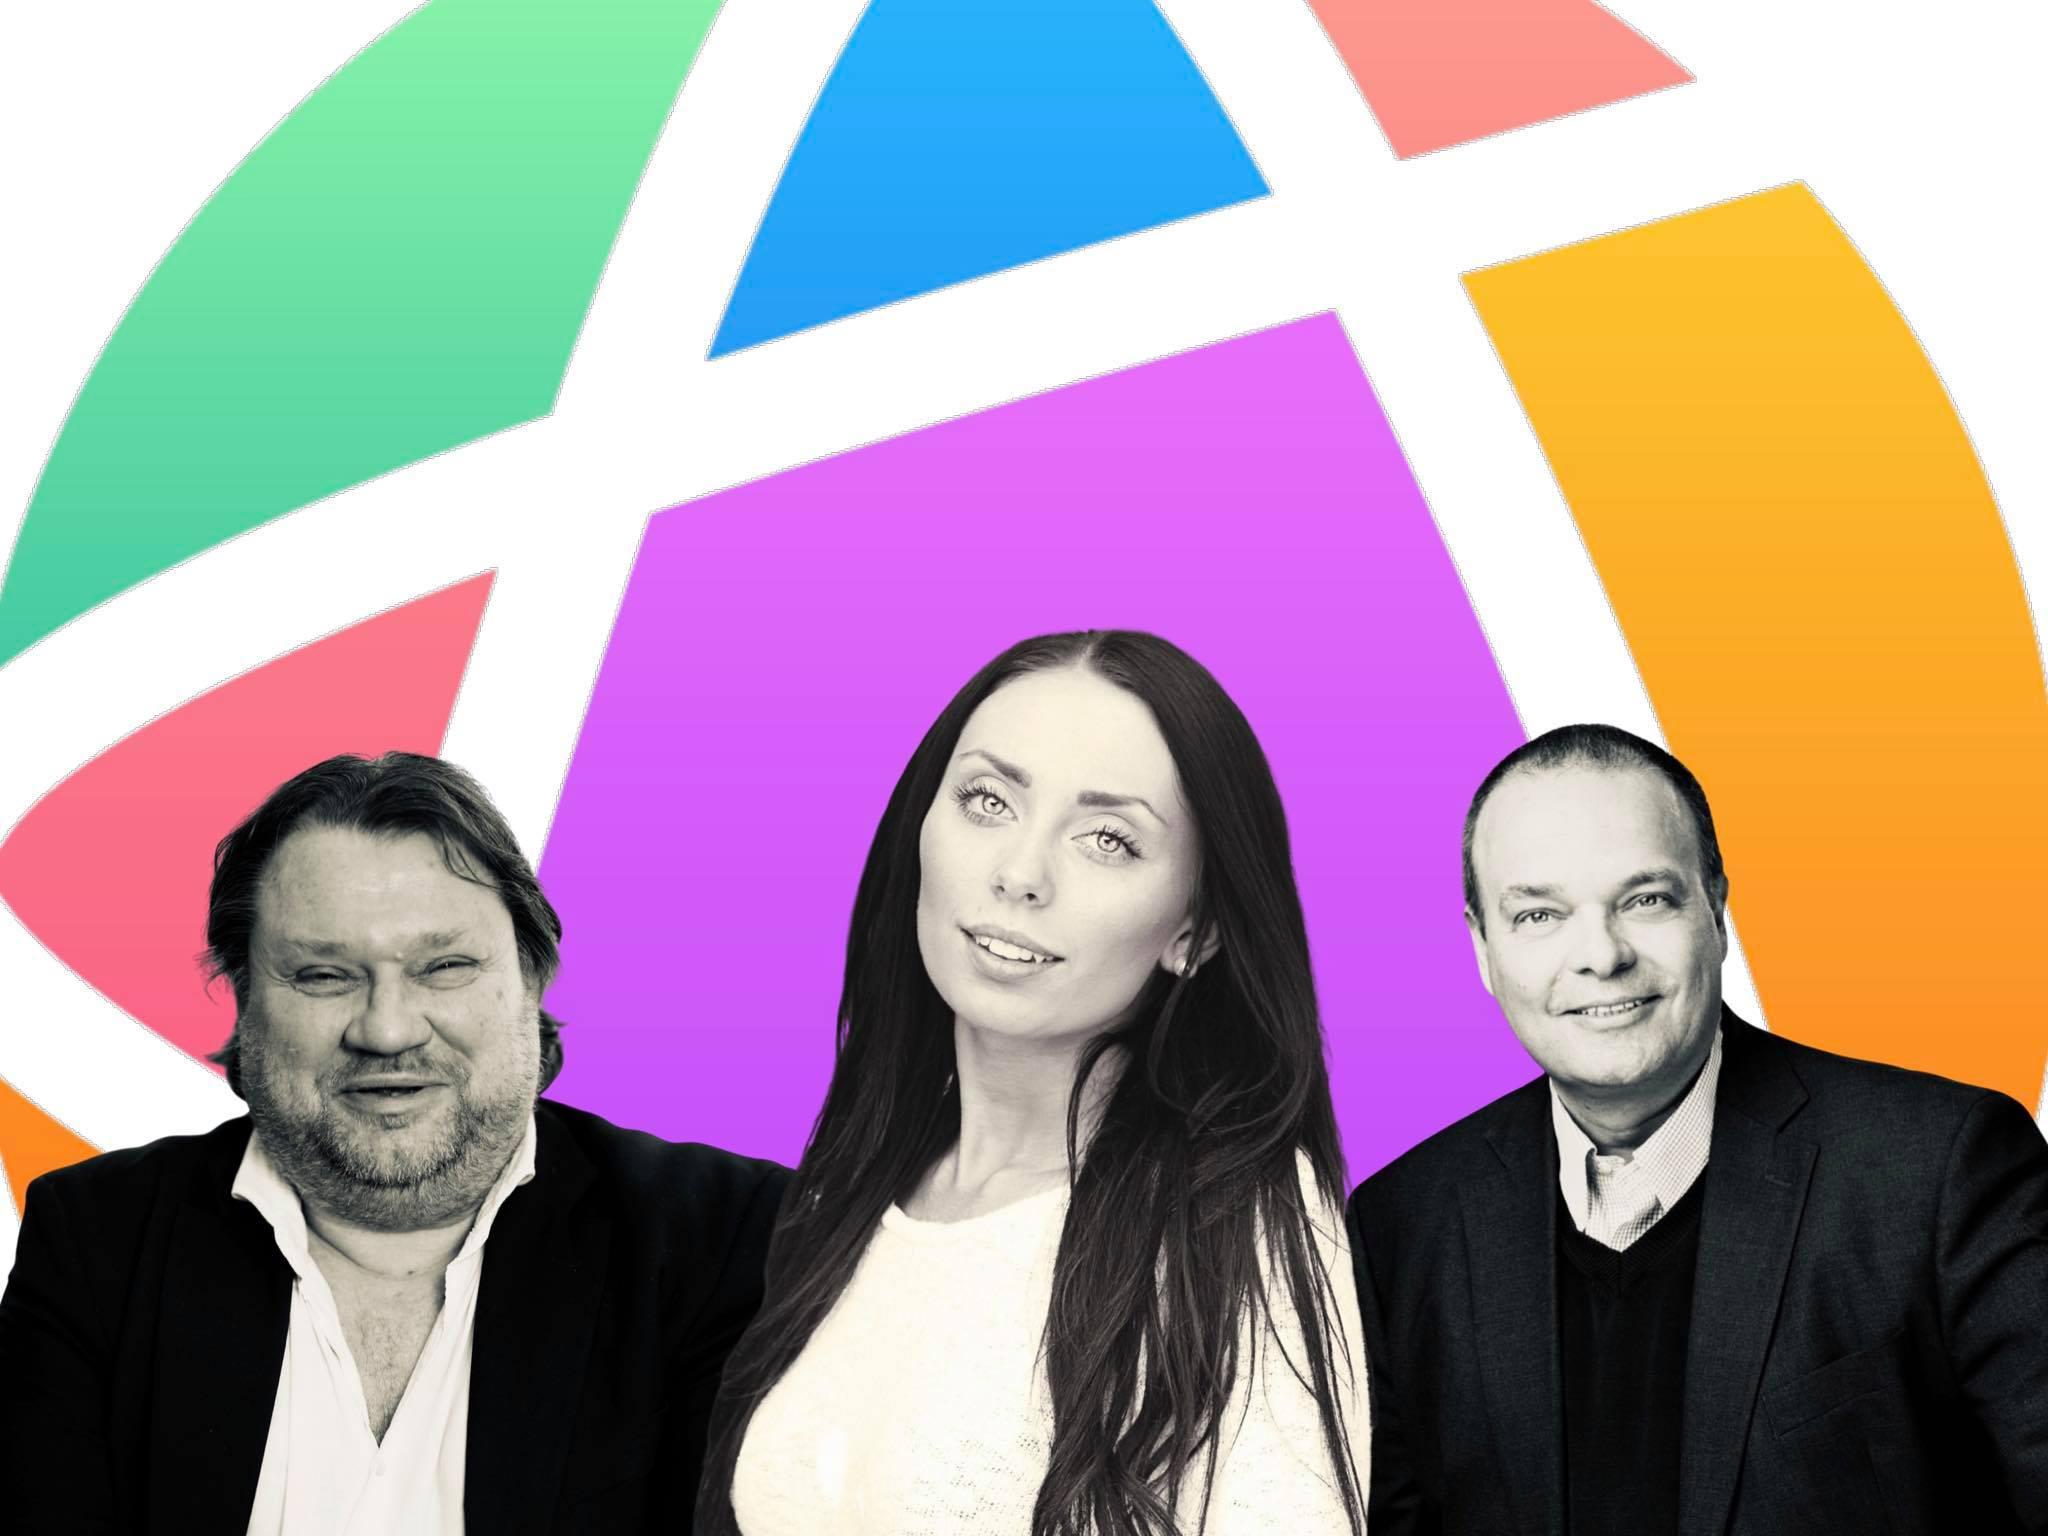 AreaChica AB utökar styrelsen med Rebecca Ihd, Sven Otto Littorin och Per Havden